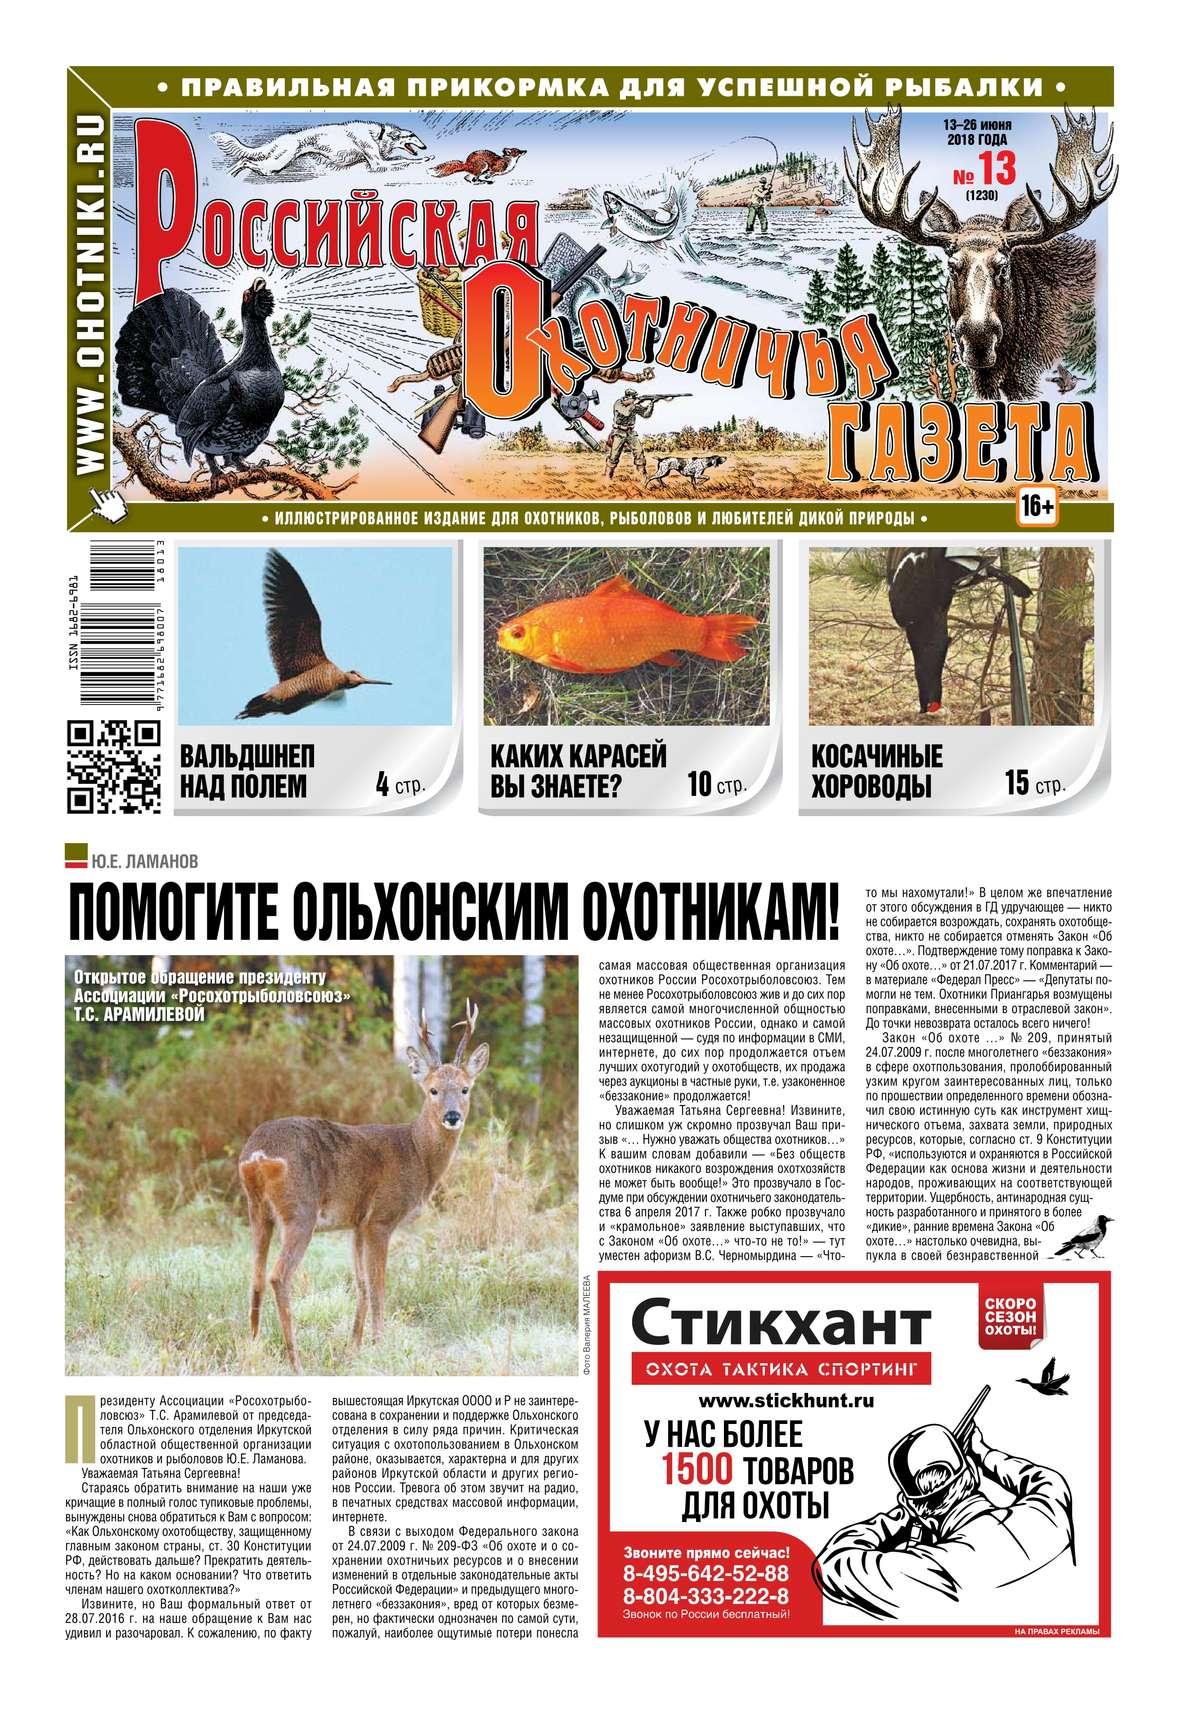 Редакция газеты Российская Охотничья Газета Российская Охотничья Газета 13-2018